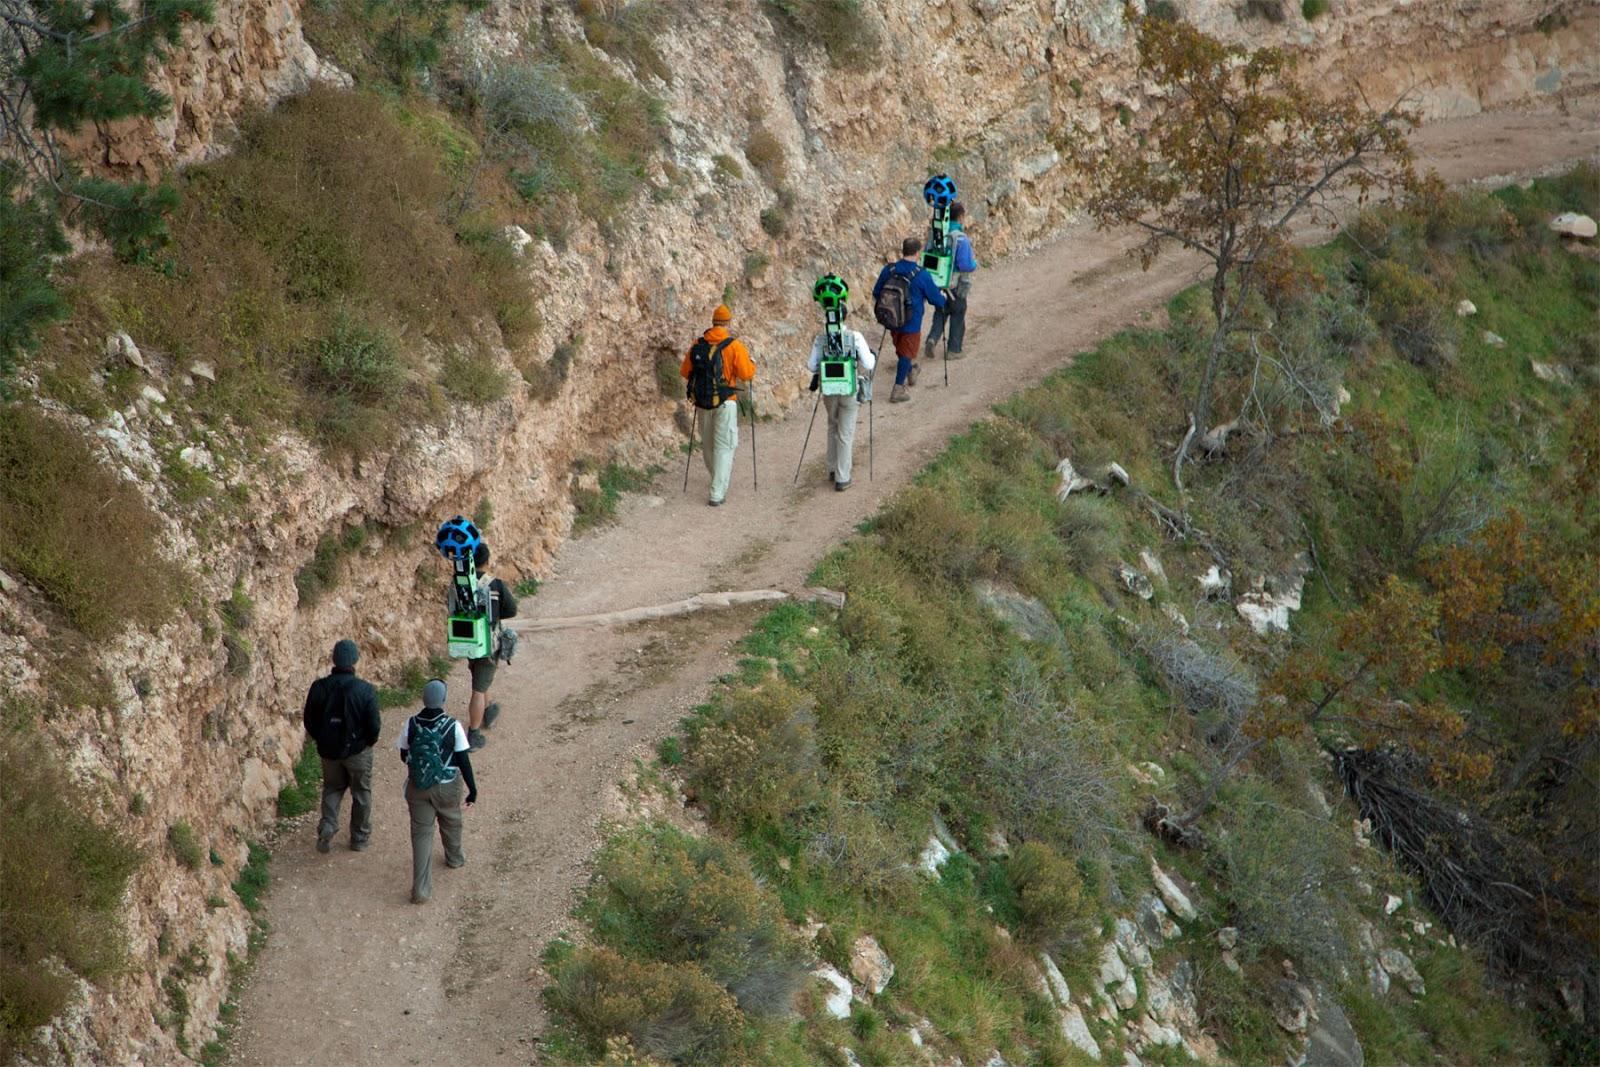 O grupo percorrendo a Bright Angel Trail - um dos caminhos mais famosos do Grand Canion (Foto: Divulgação/Google)